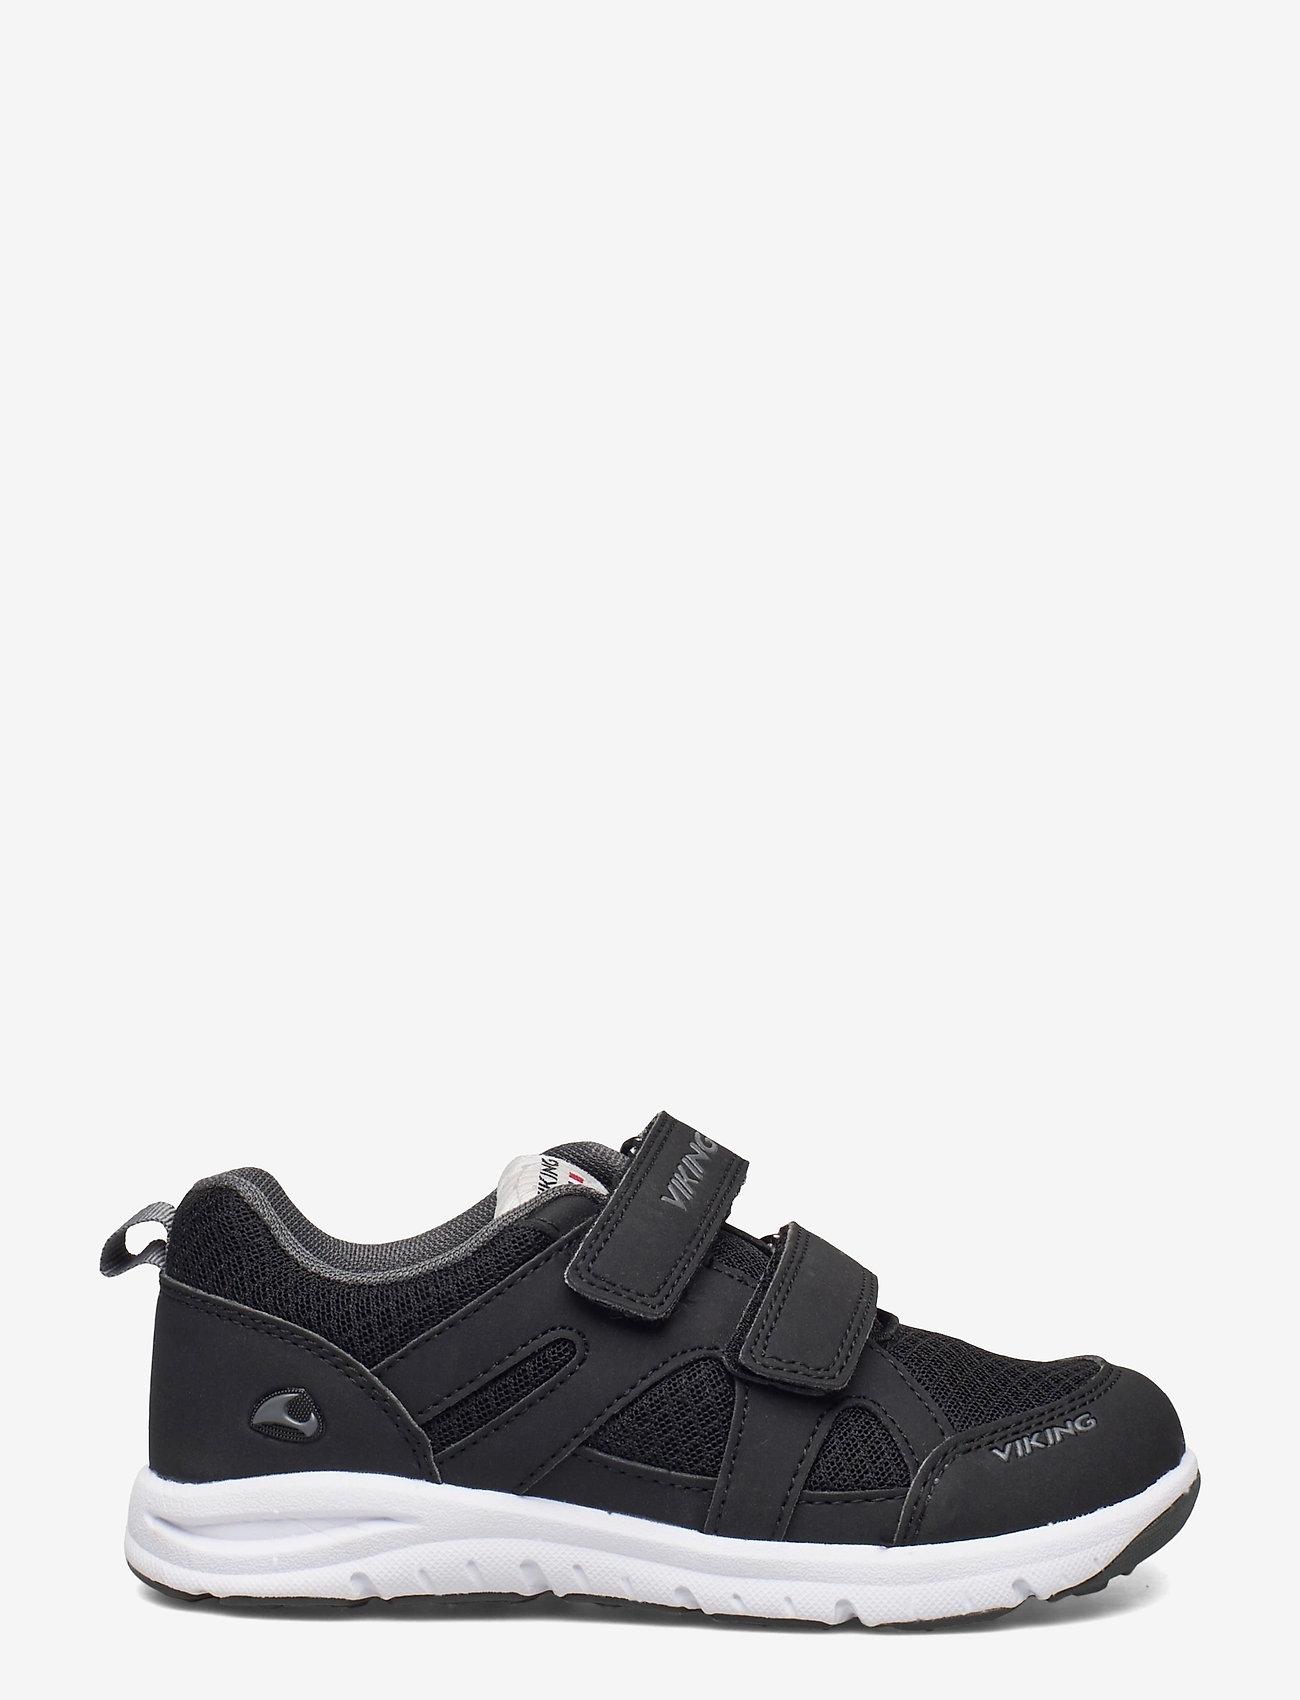 Viking - Odda - low-top sneakers - black/charcoal - 1